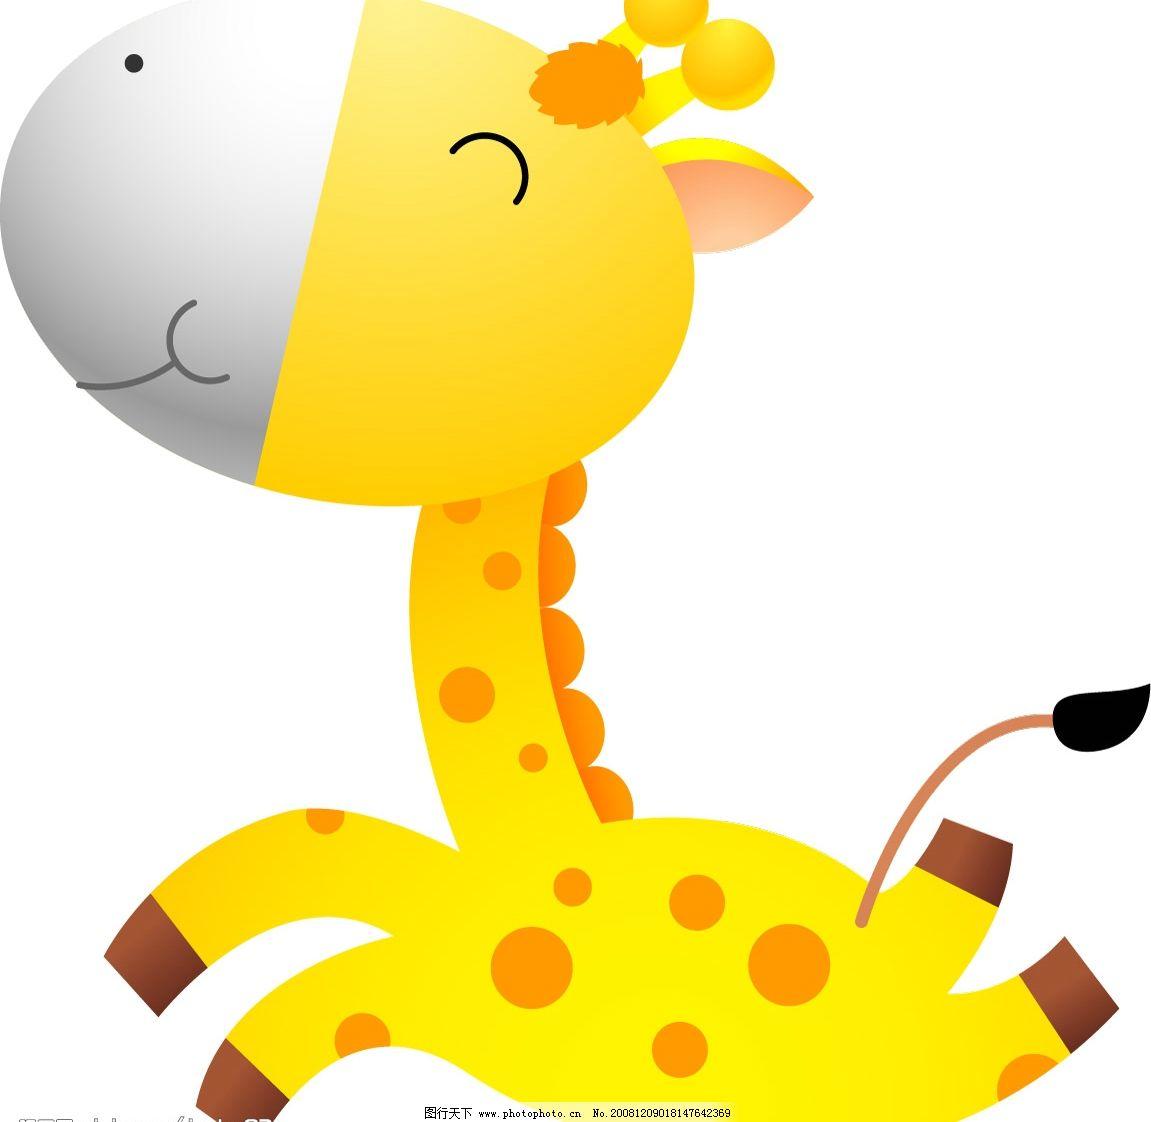 黄色长颈鹿 黄色小动物 长颈鹿 可爱动物 矢量长颈鹿 矢量图库 ai